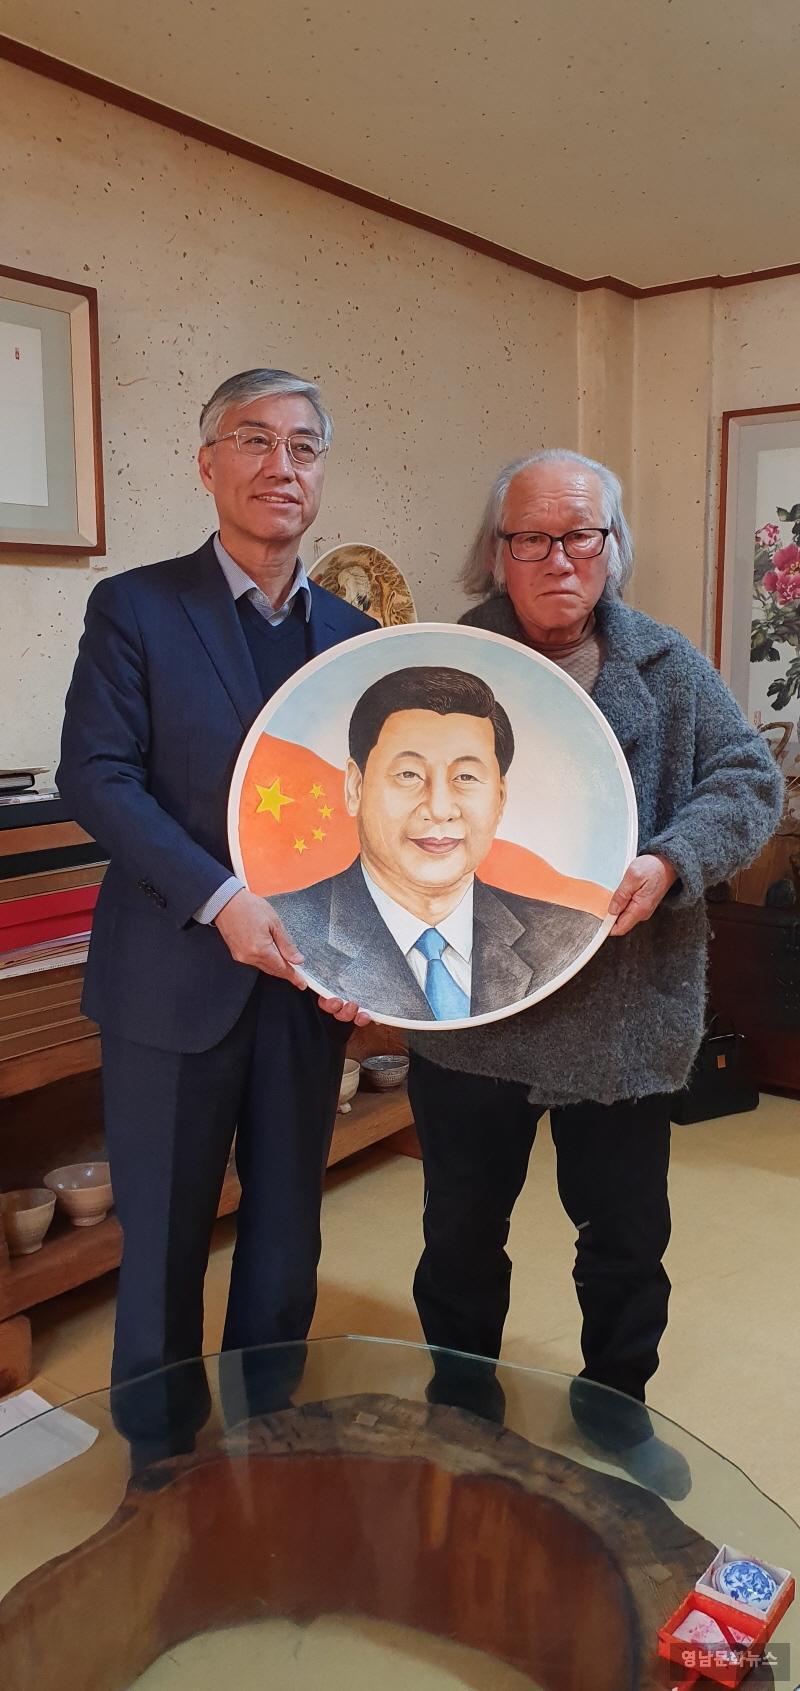 추궈홍 주한 중국대사 부부! 세계적인 도예가 길성 선생을 방문하다!